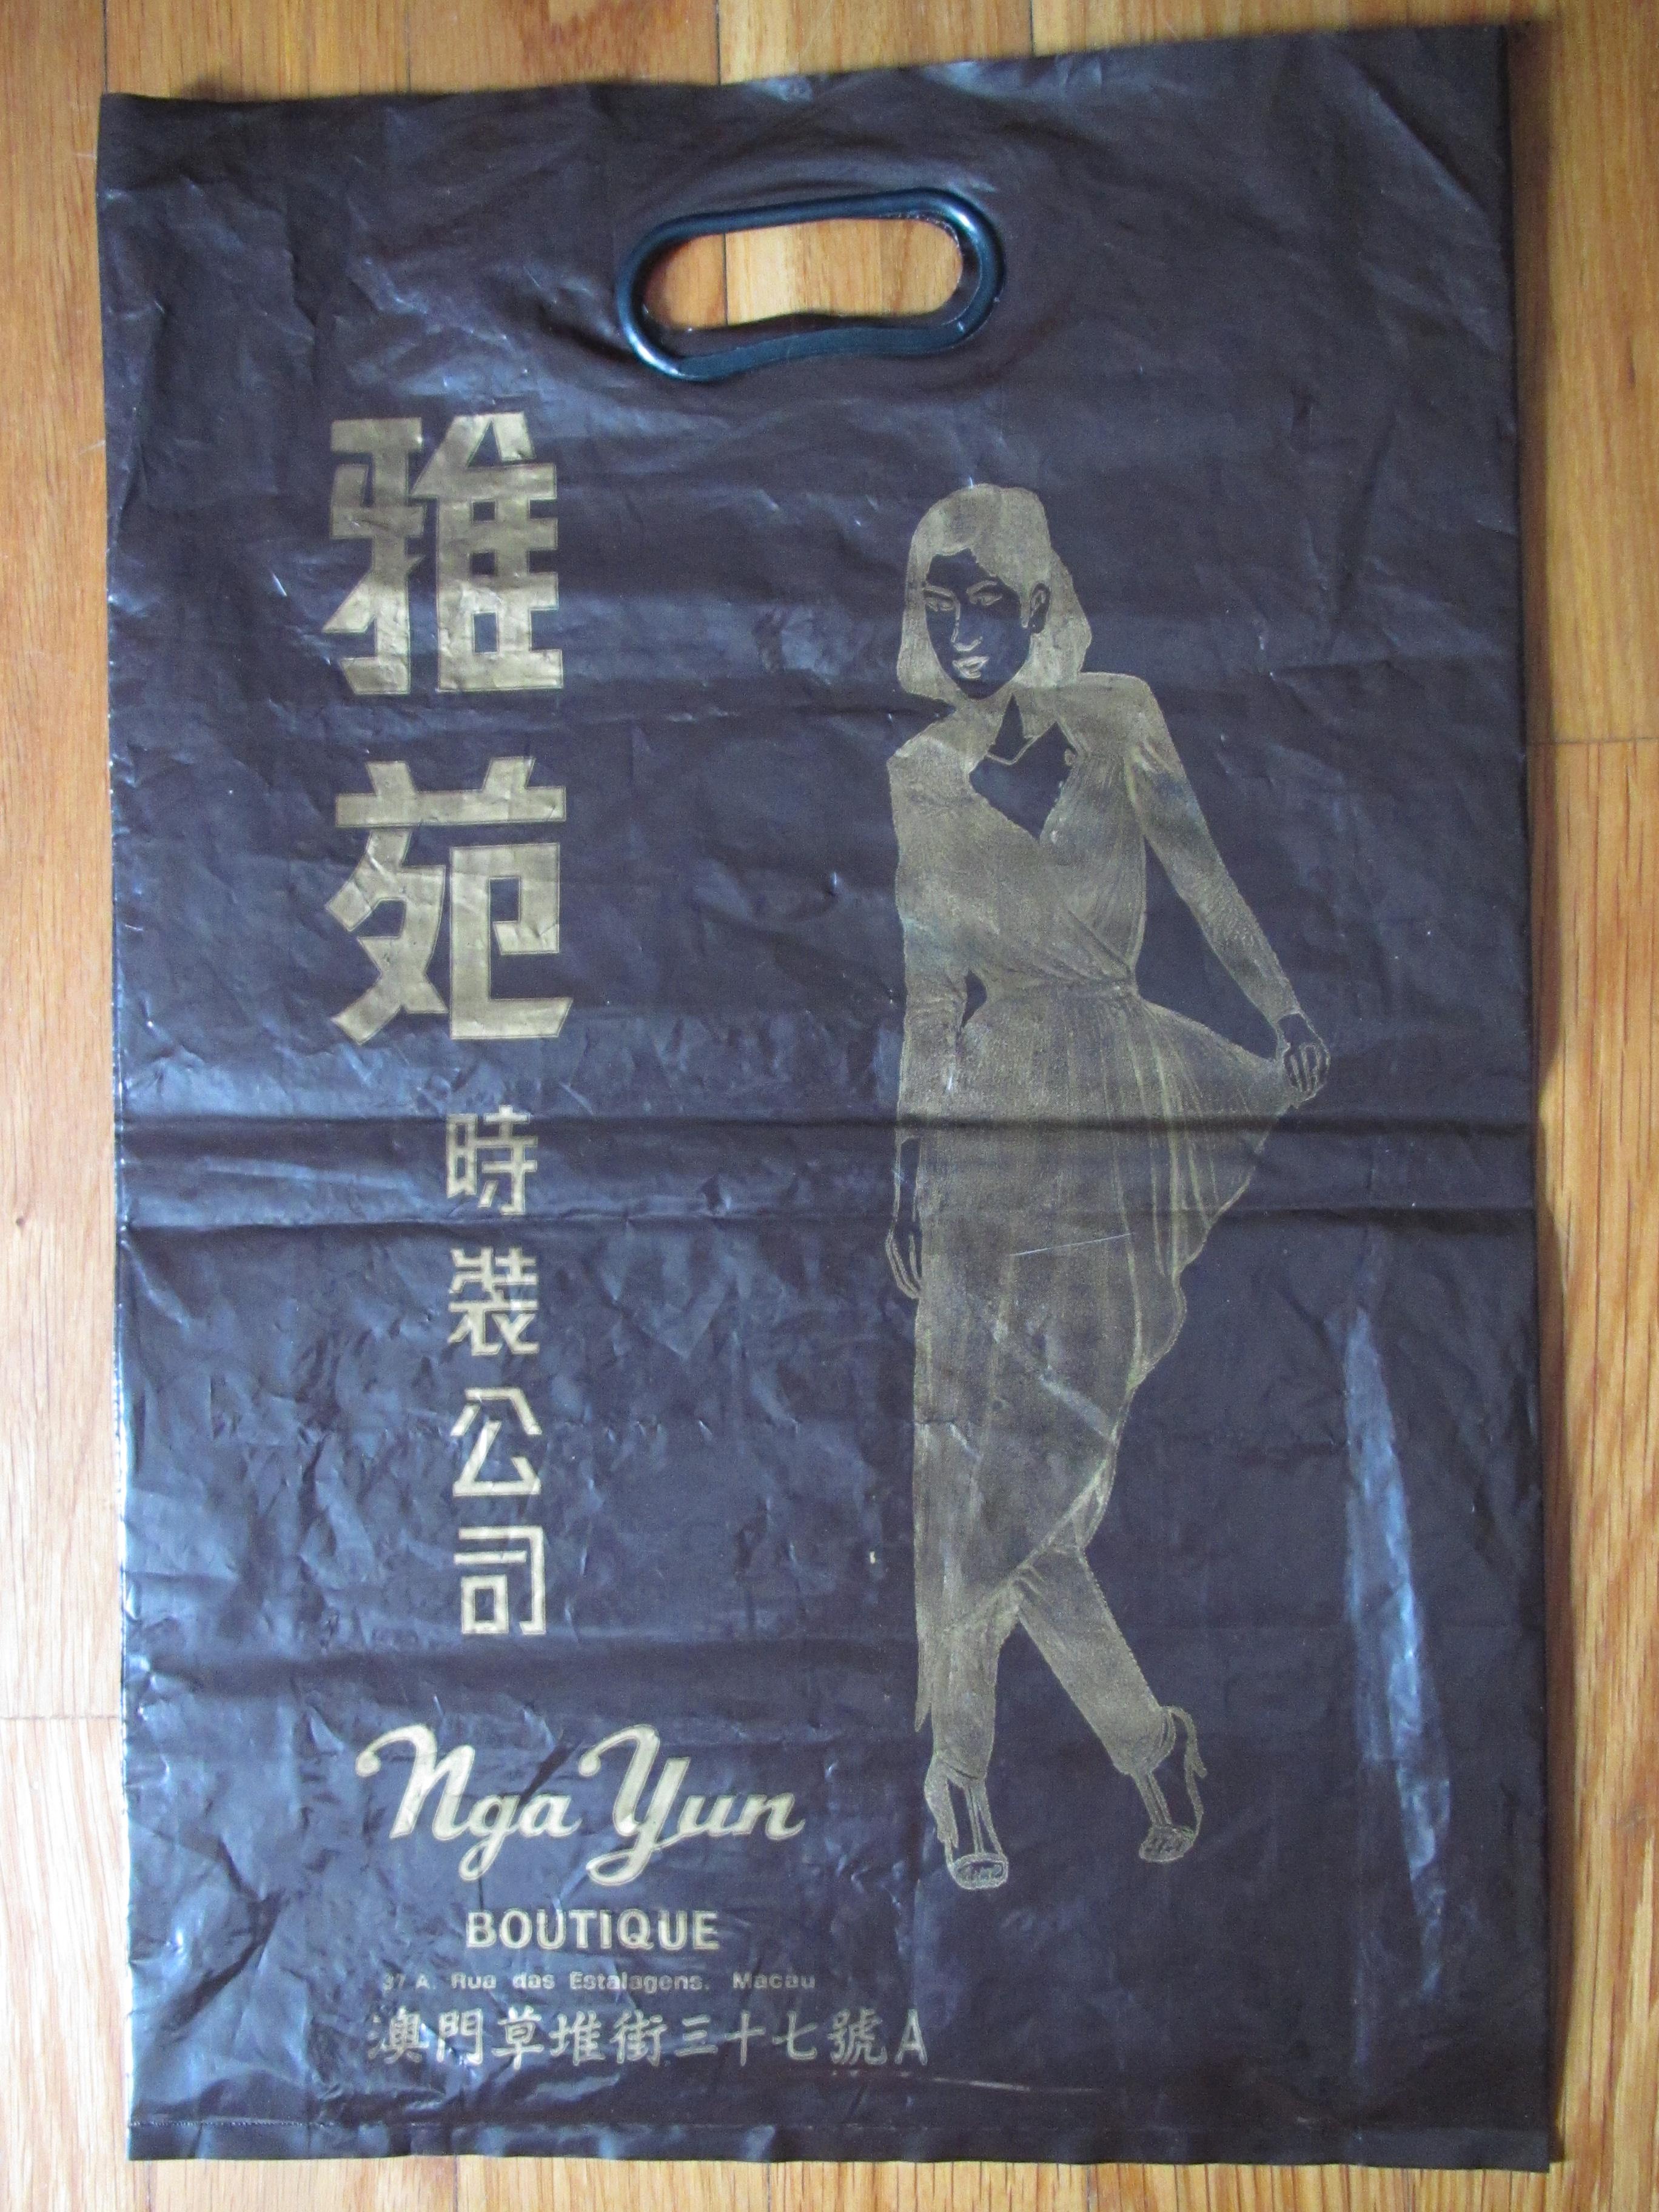 Saco de Compras Boutique Nga Yun I